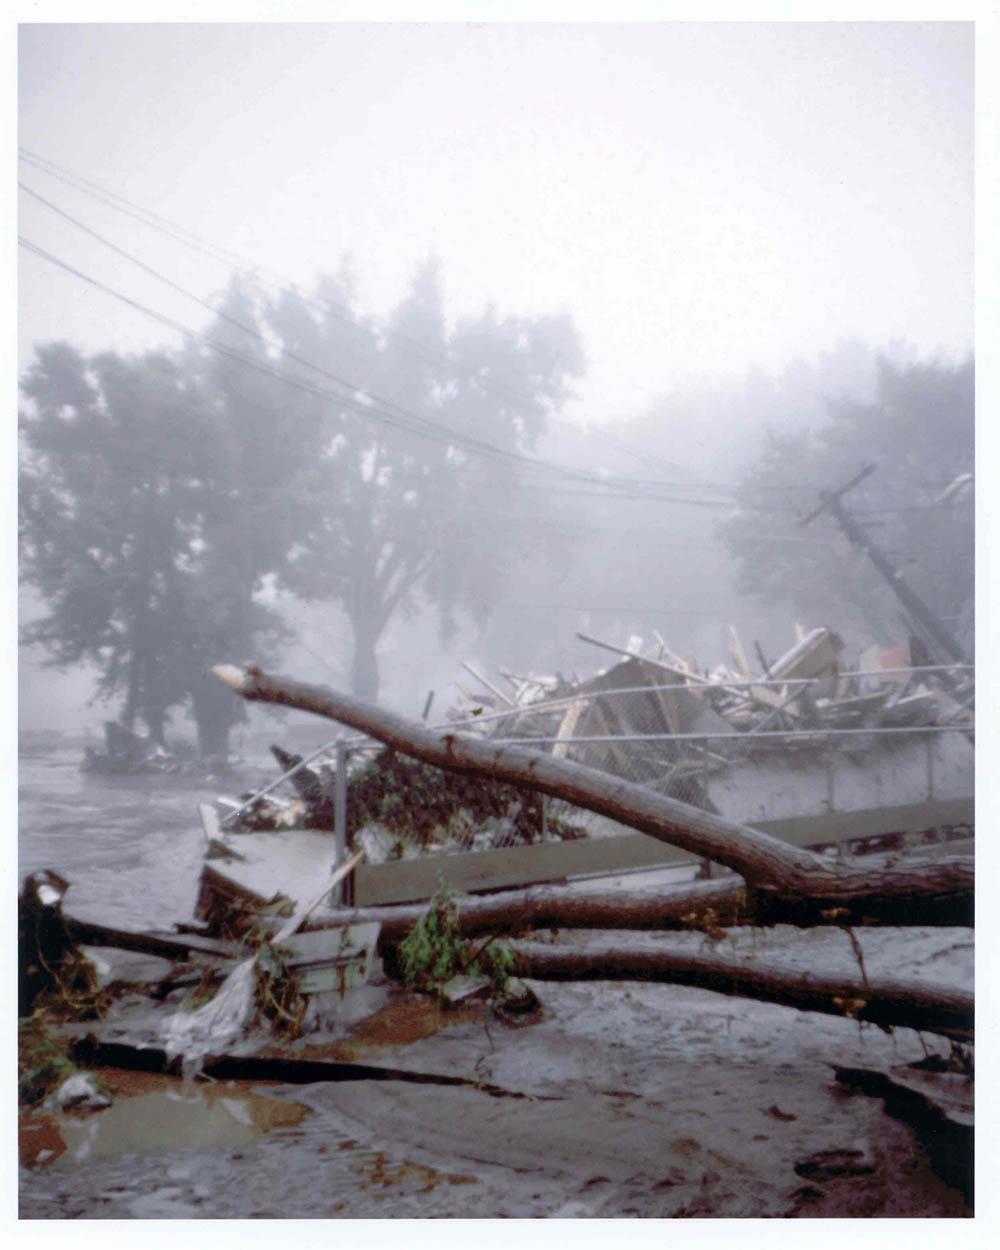 Image - flood22.jpg